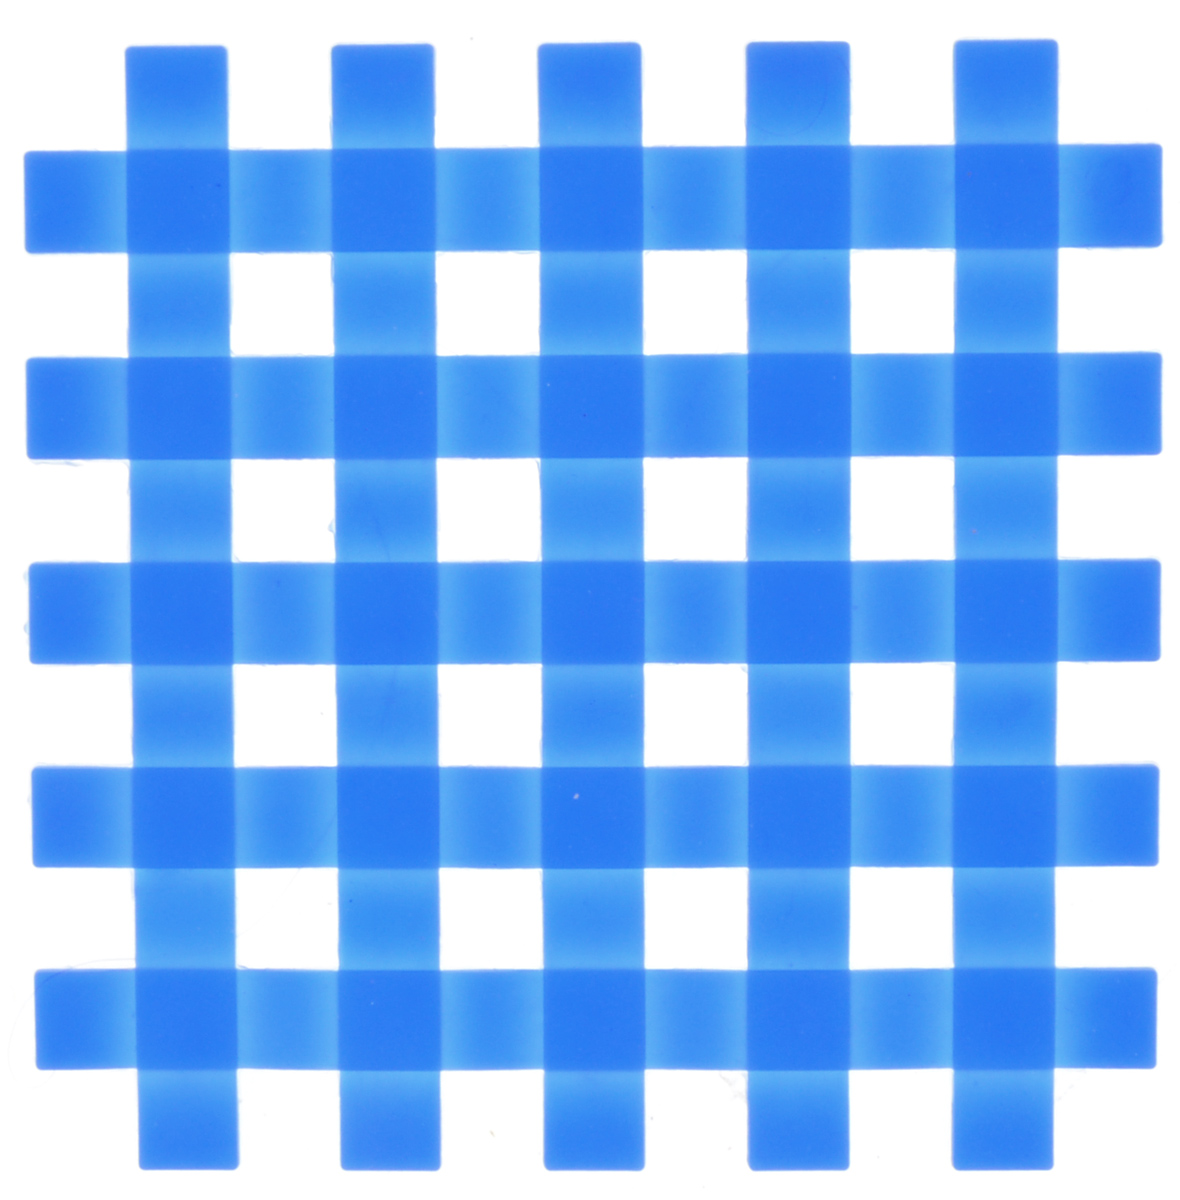 Подставка под горячее Mayer & Boch, силиконовая, цвет: синий, 17 х 17 см115510Подставка под горячее Mayer & Boch изготовлена из силикона и оформлена ввиде сетки. Материал позволяет выдерживать высокиетемпературы и не скользит по поверхности стола.Каждая хозяйка знает, что подставка под горячее - это незаменимый и очень полезныйаксессуар на каждойкухне. Ваш стол будет не только украшен яркой и оригинальной подставкой, но также вы сможете уберечь его от воздействия высокихтемператур.